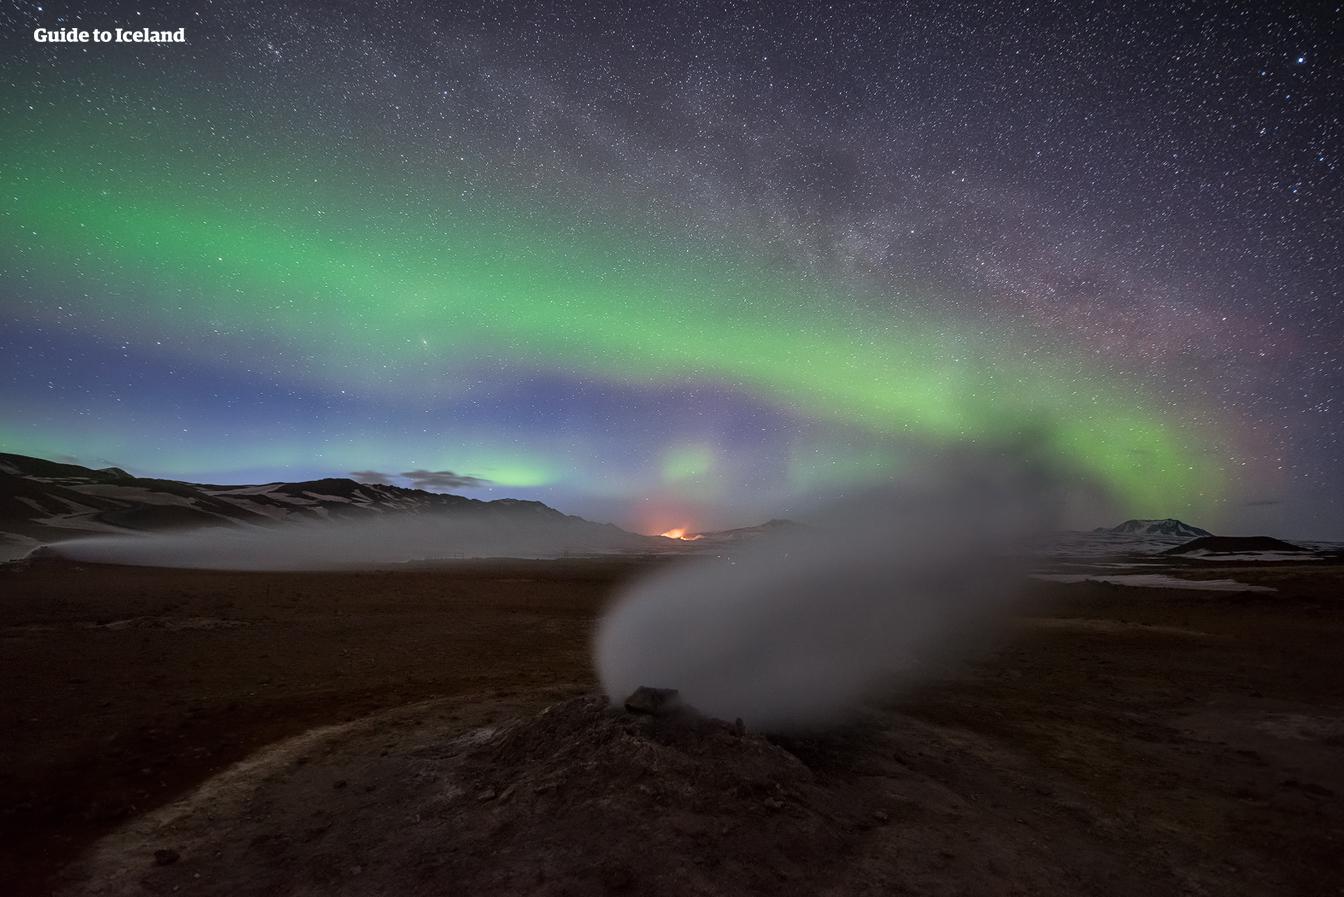 冰岛北部米湖附近的Grjótagjá地洞温泉是全年皆可造访的景点